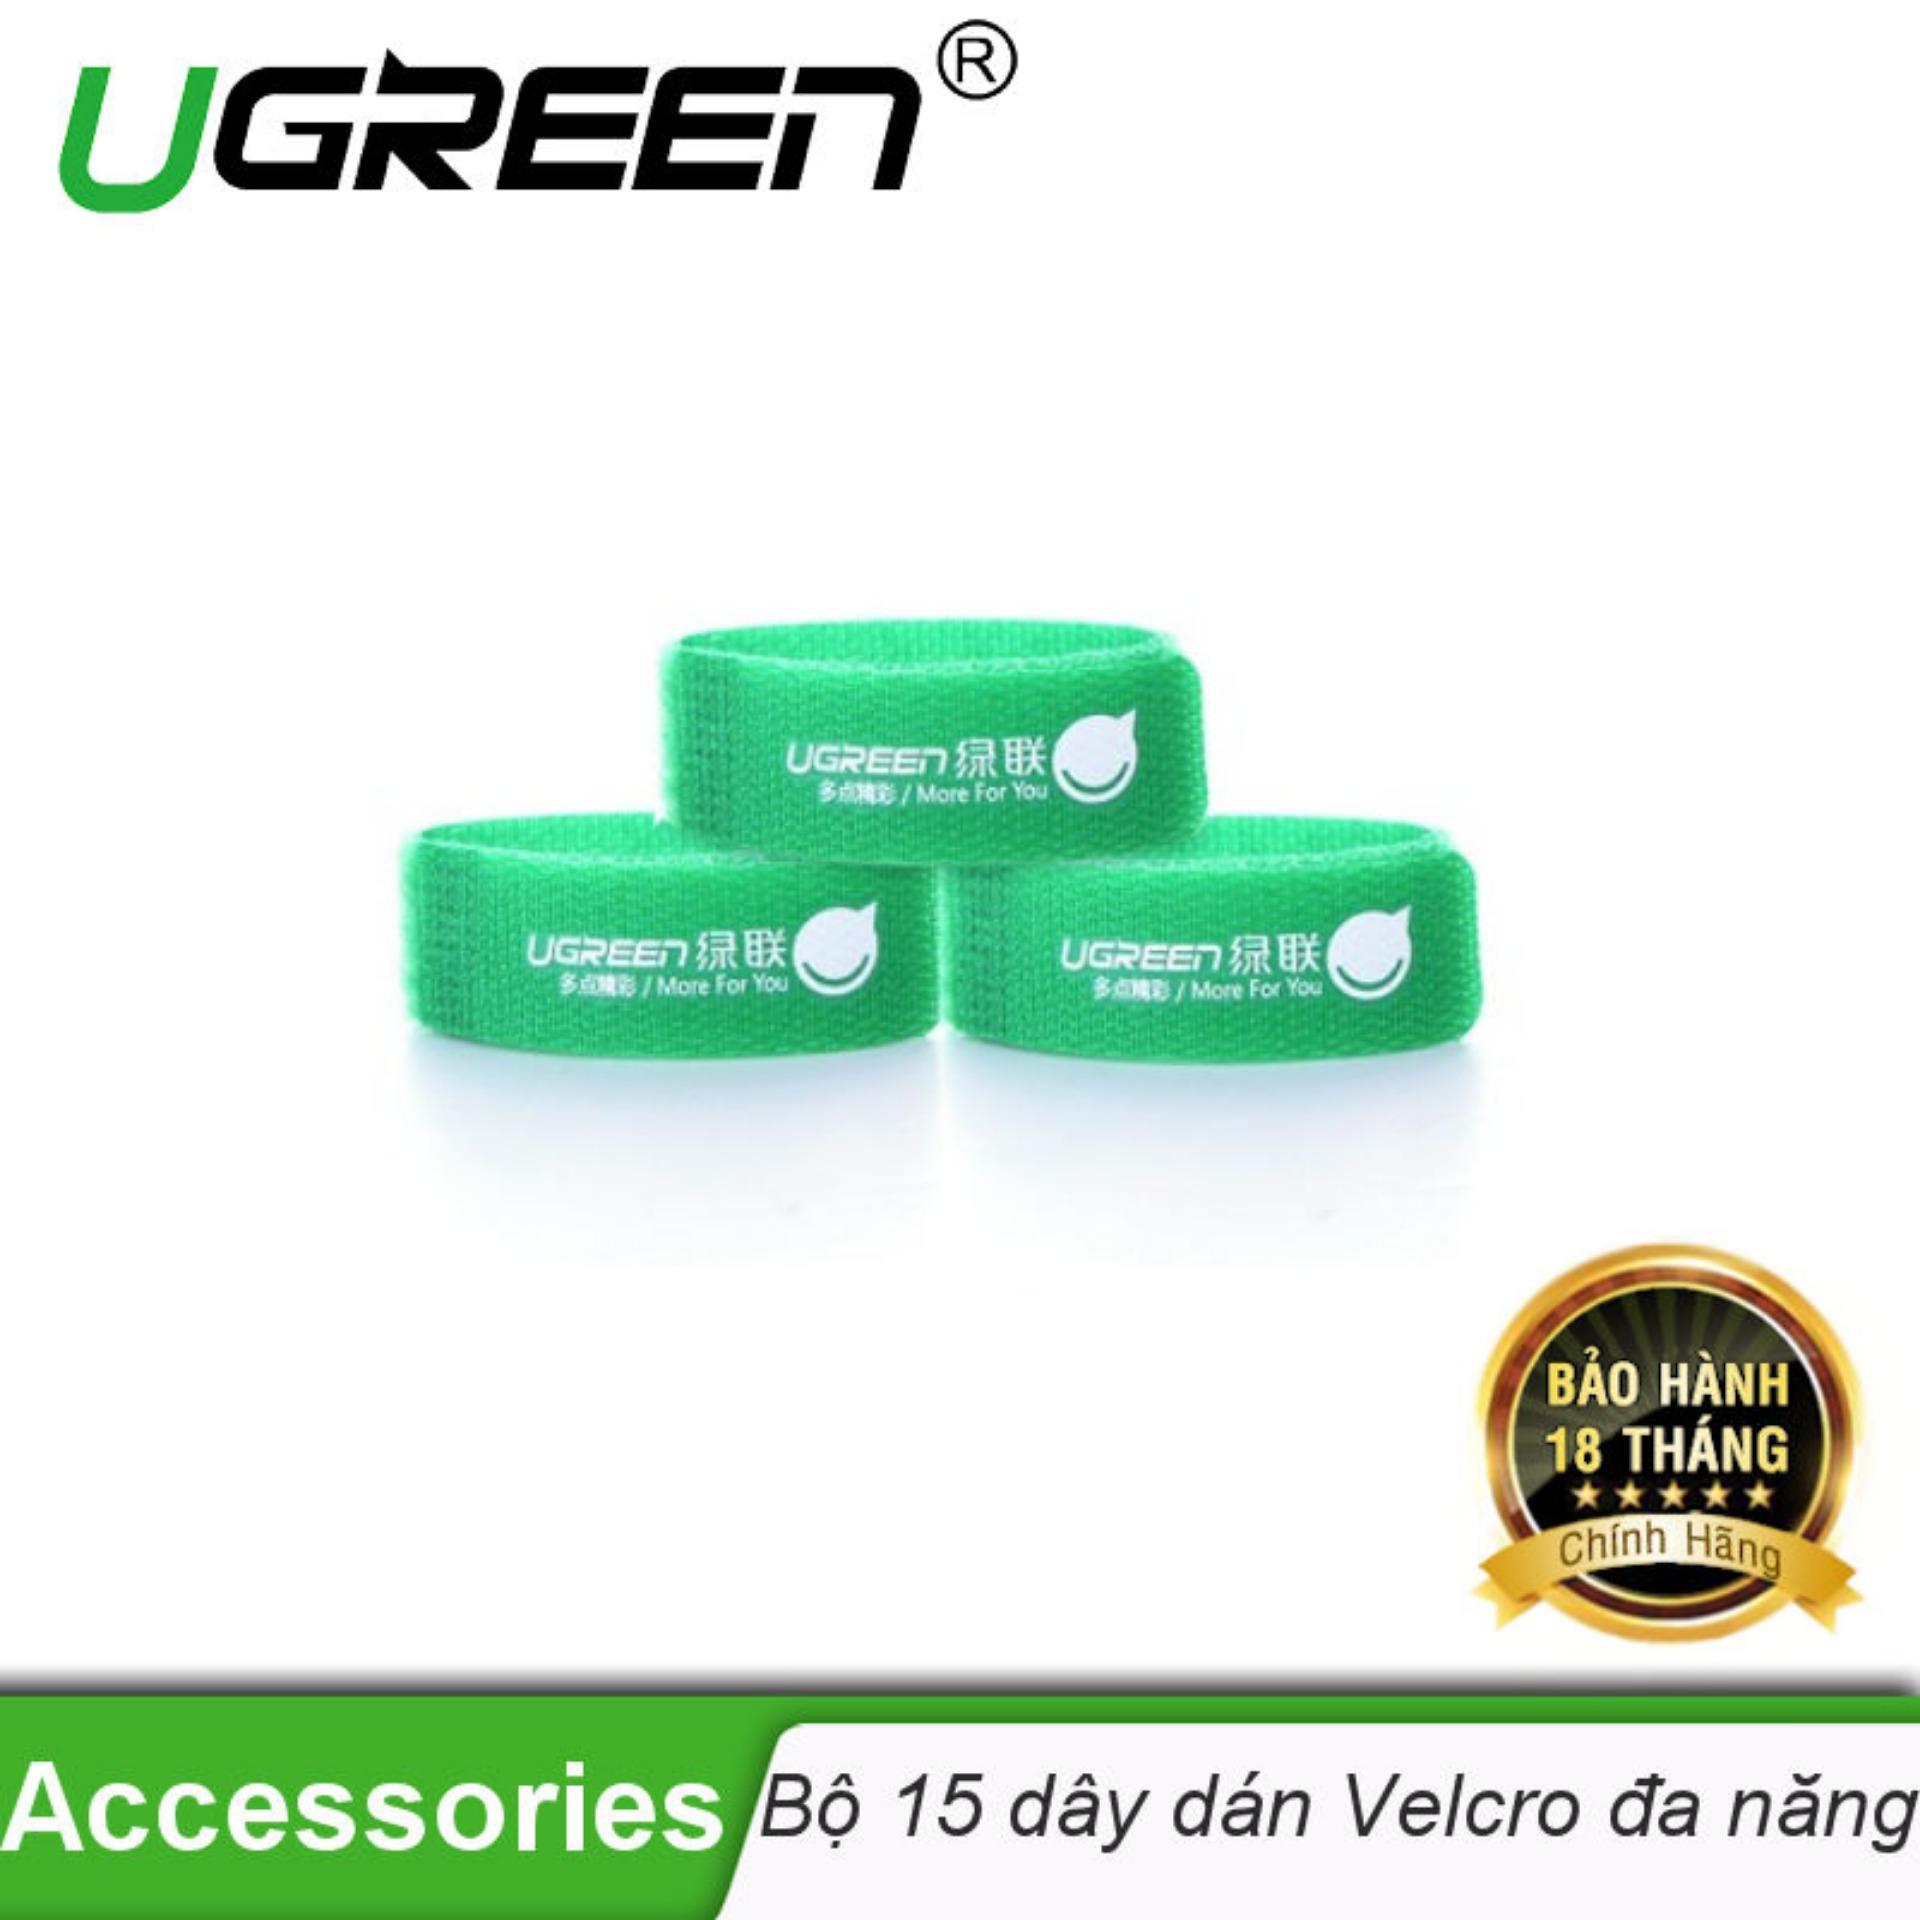 Hình ảnh 2 túi/1 bộ (6chiếc) - Dây dán Velcro tiện dụng dài 17,8cm UGREEN 20314 (màu xanh lá cây) - Hãng phân phối chính thức